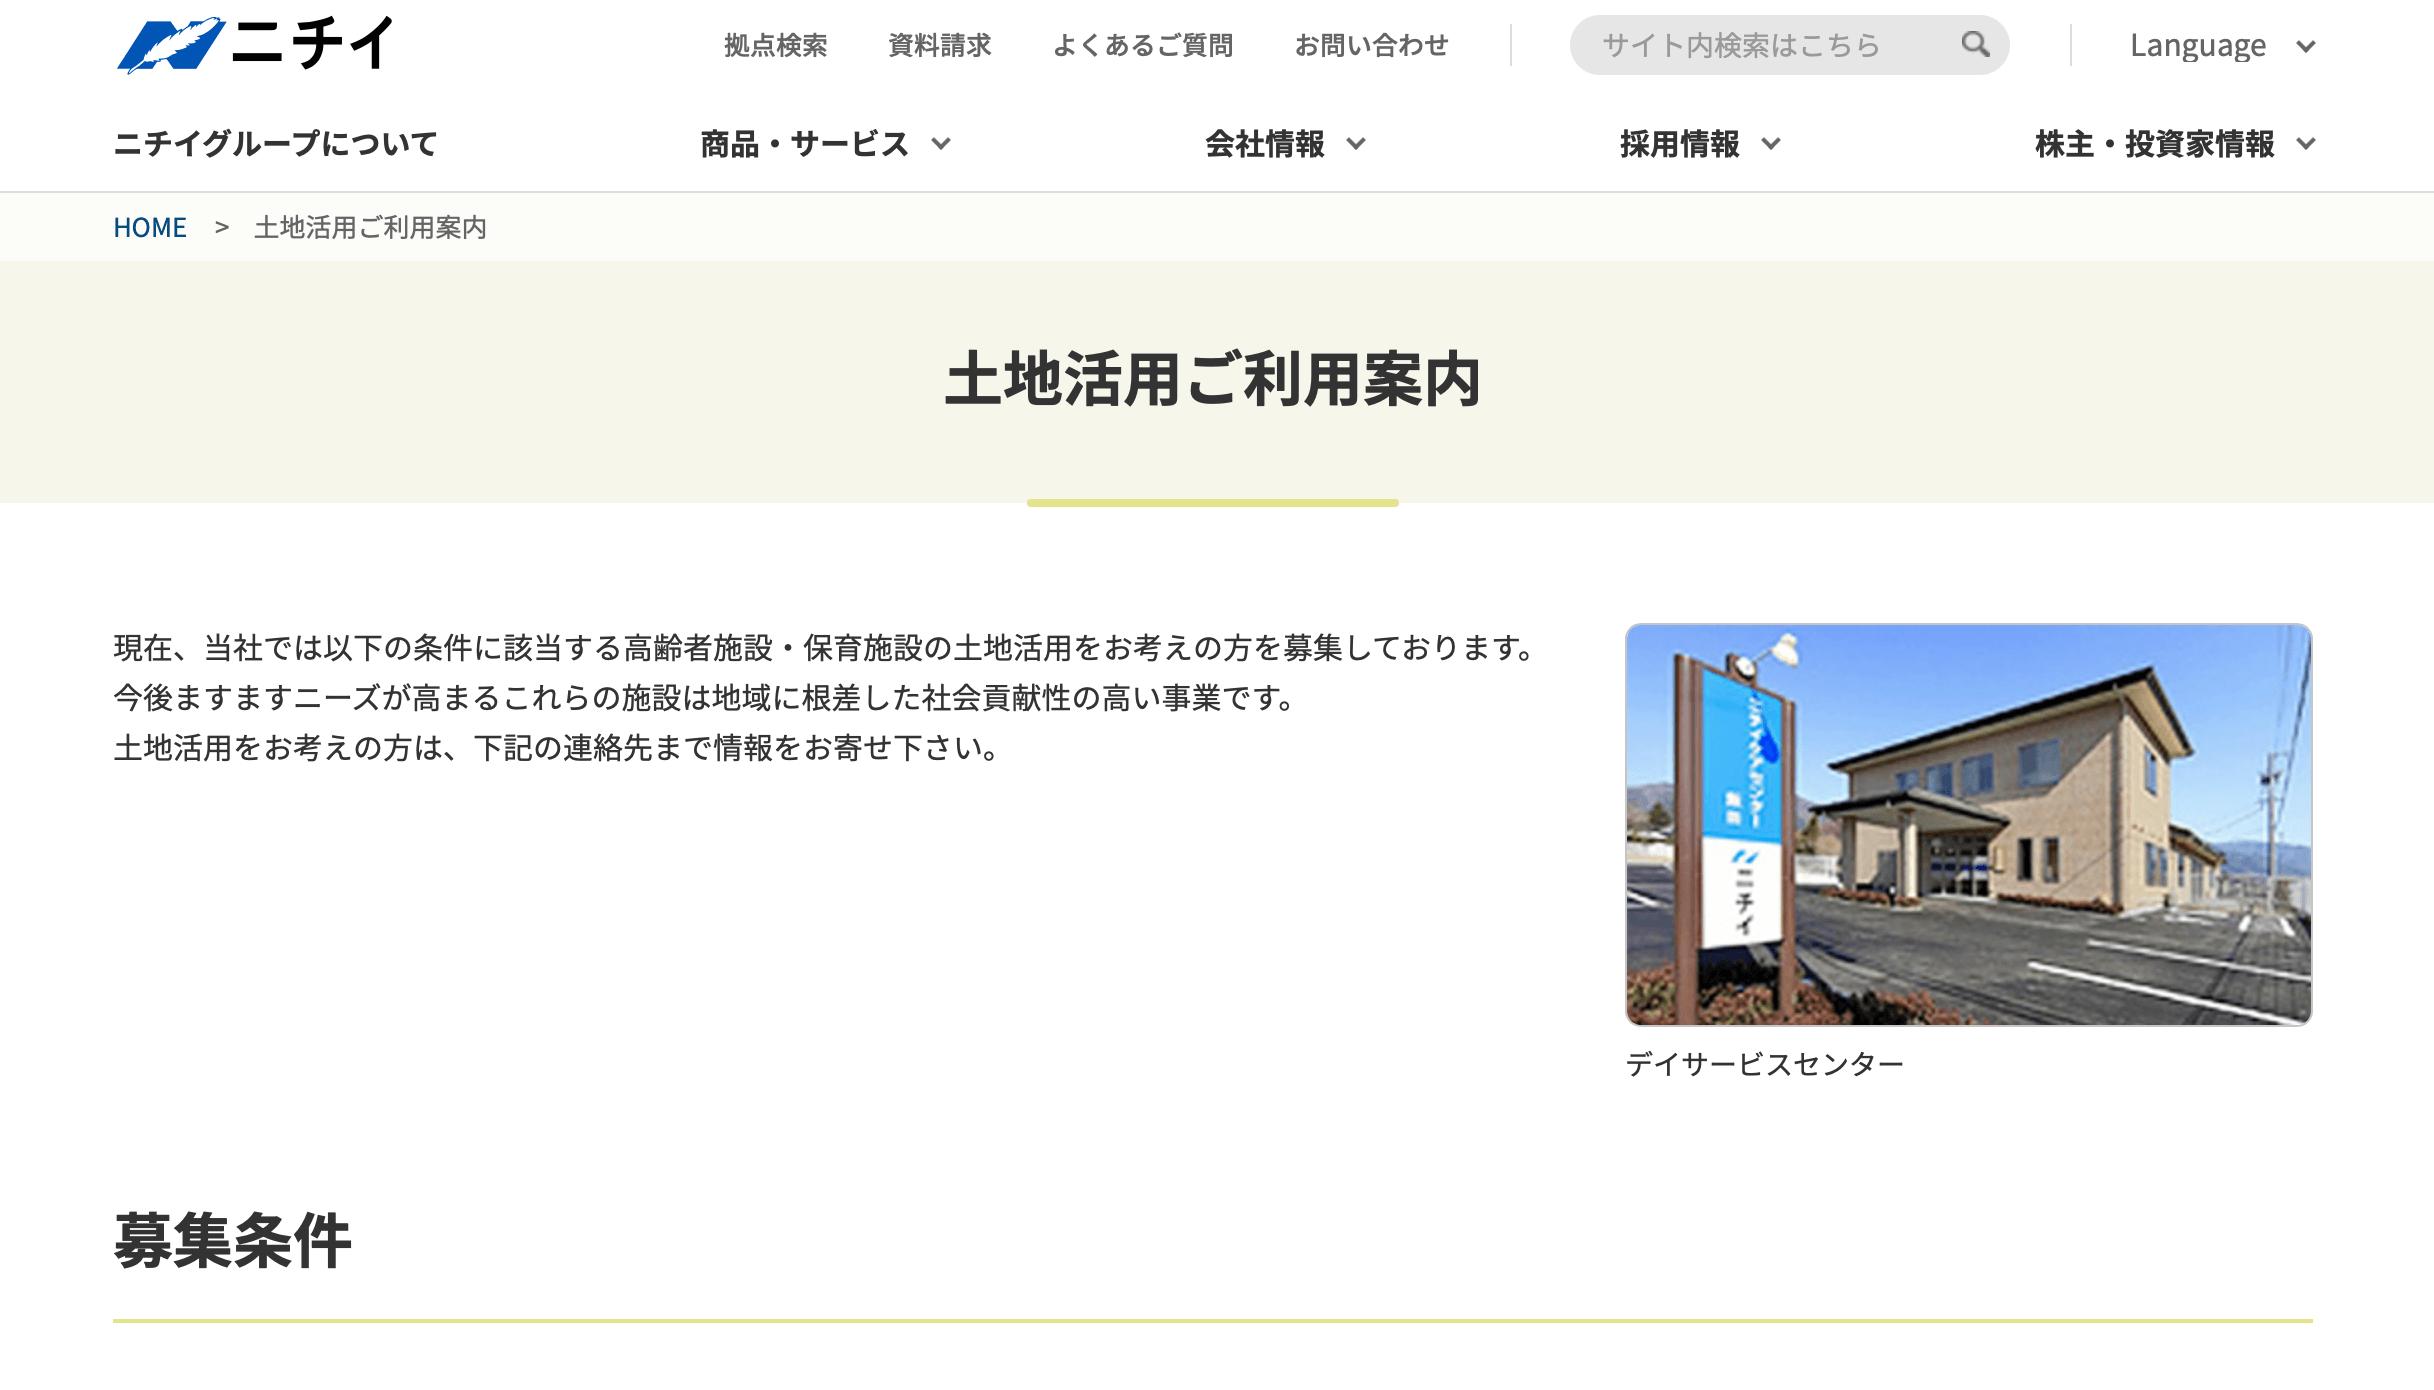 株式会社ニチイ学館の公式ページ